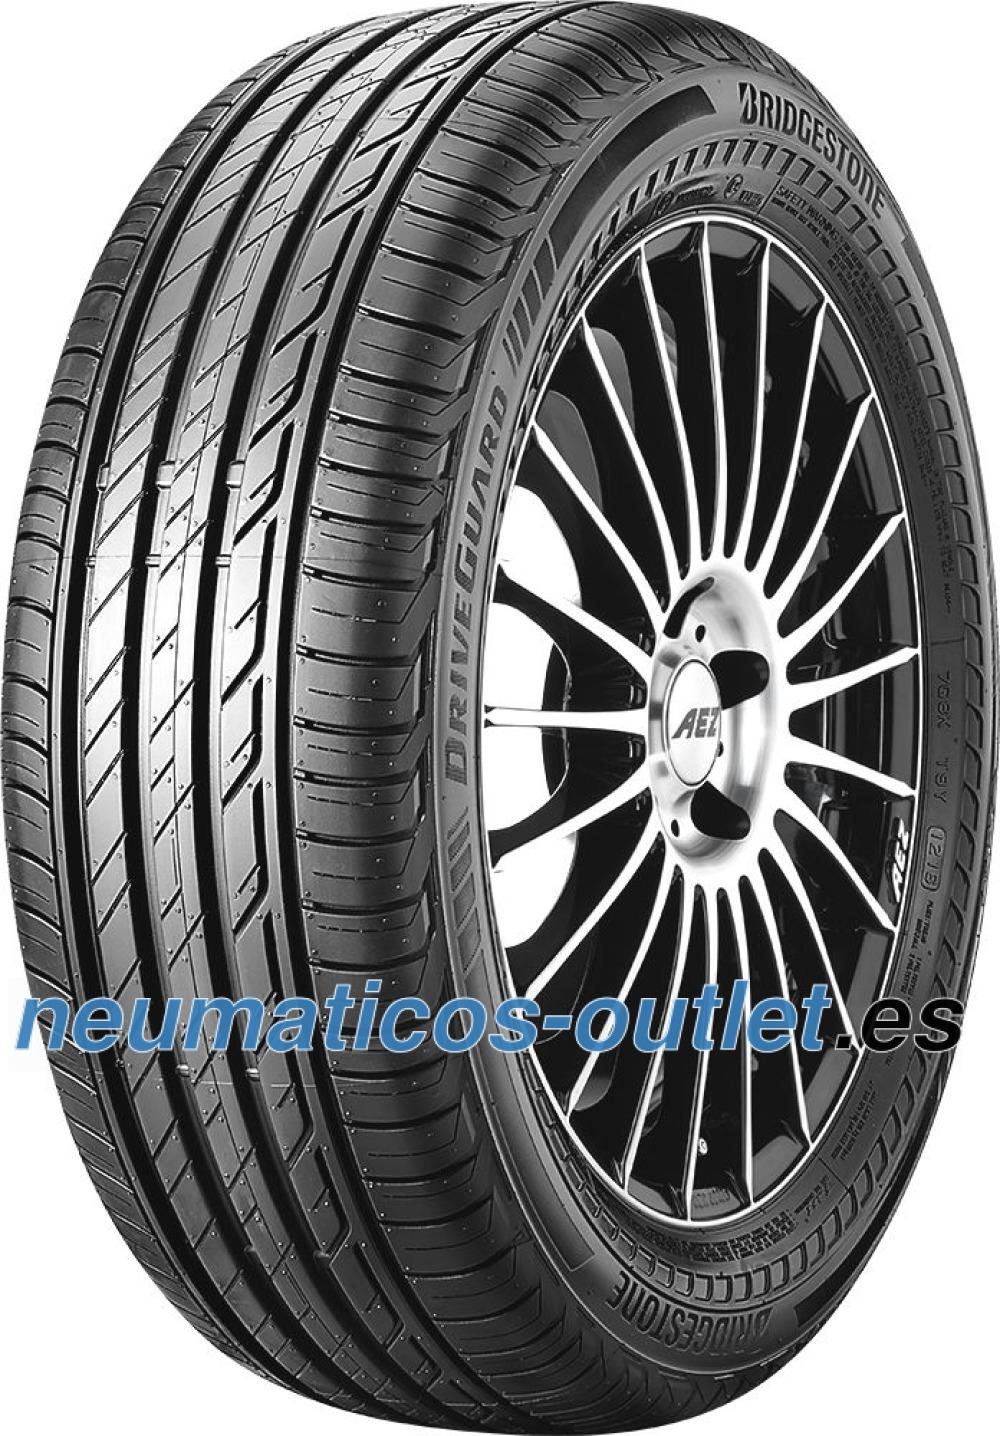 Bridgestone DriveGuard RFT ( 225/45 R17 94Y XL runflat, con protector de llanta (MFS), DriveGuard )